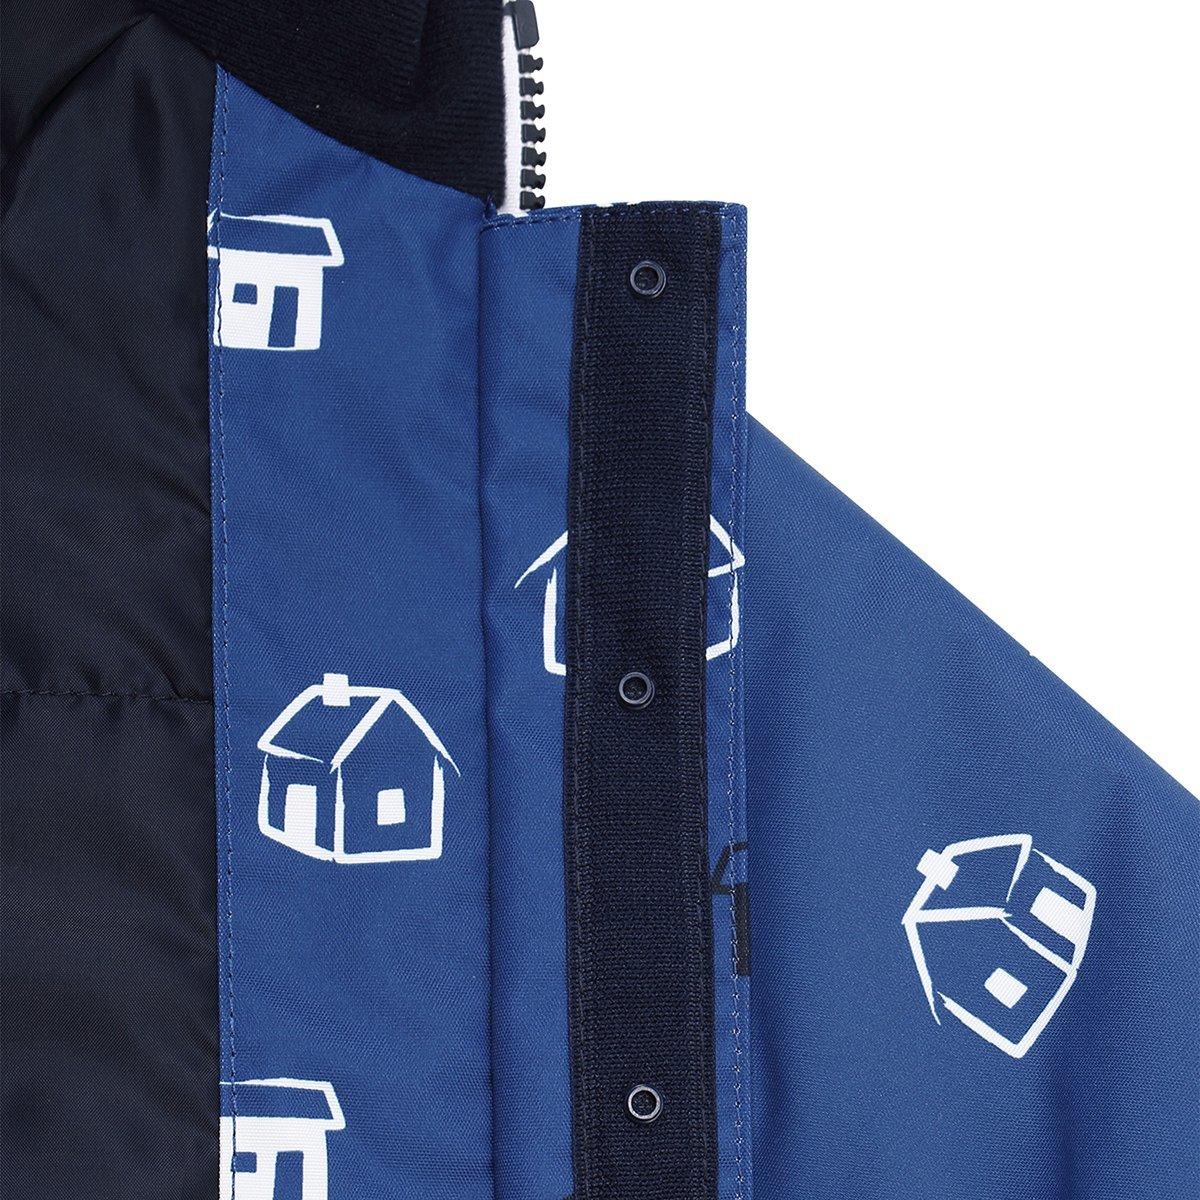 Купить Верхняя одежда, Куртка Reima Kukka Dark blue, р. 110 511285R-6717 ТМ: REIMA, синий